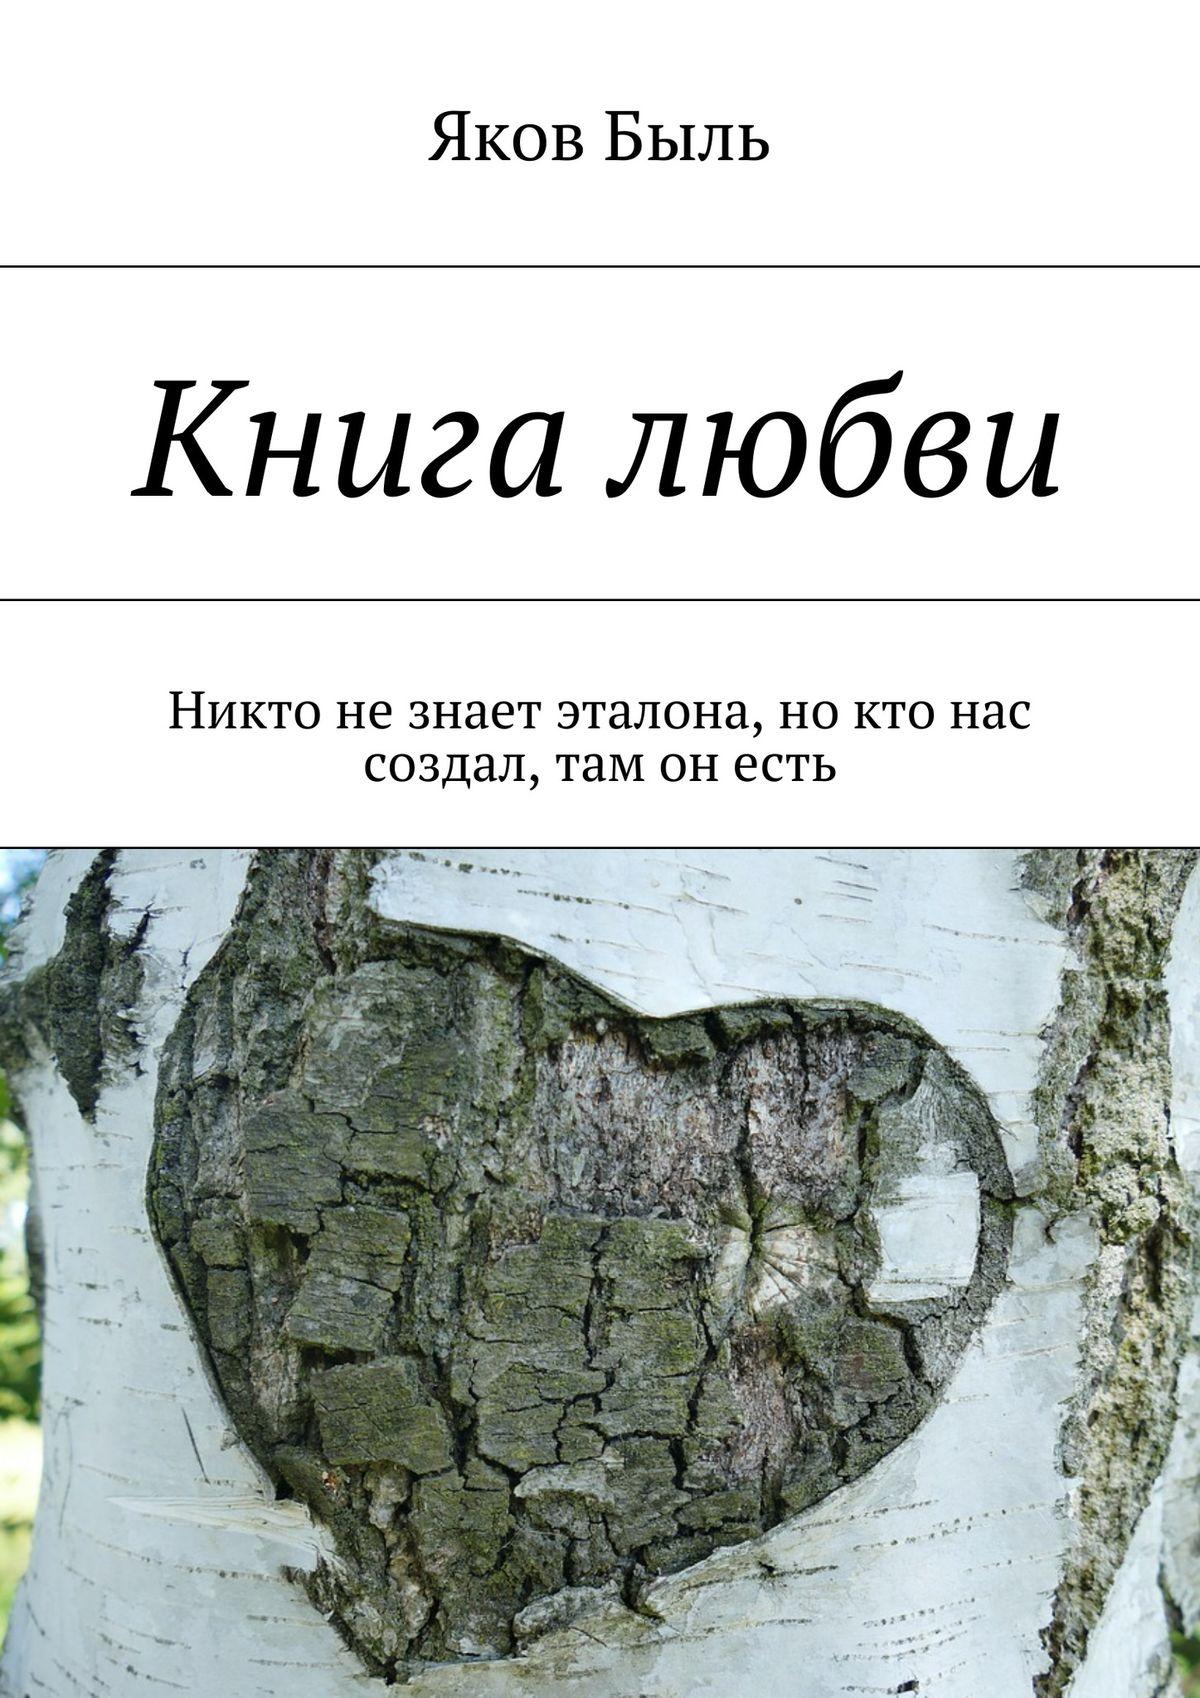 Яков Быль Книга любви. Никто незнает эталона, но кто нас создал, там он есть лаппо а любовь не знает границ